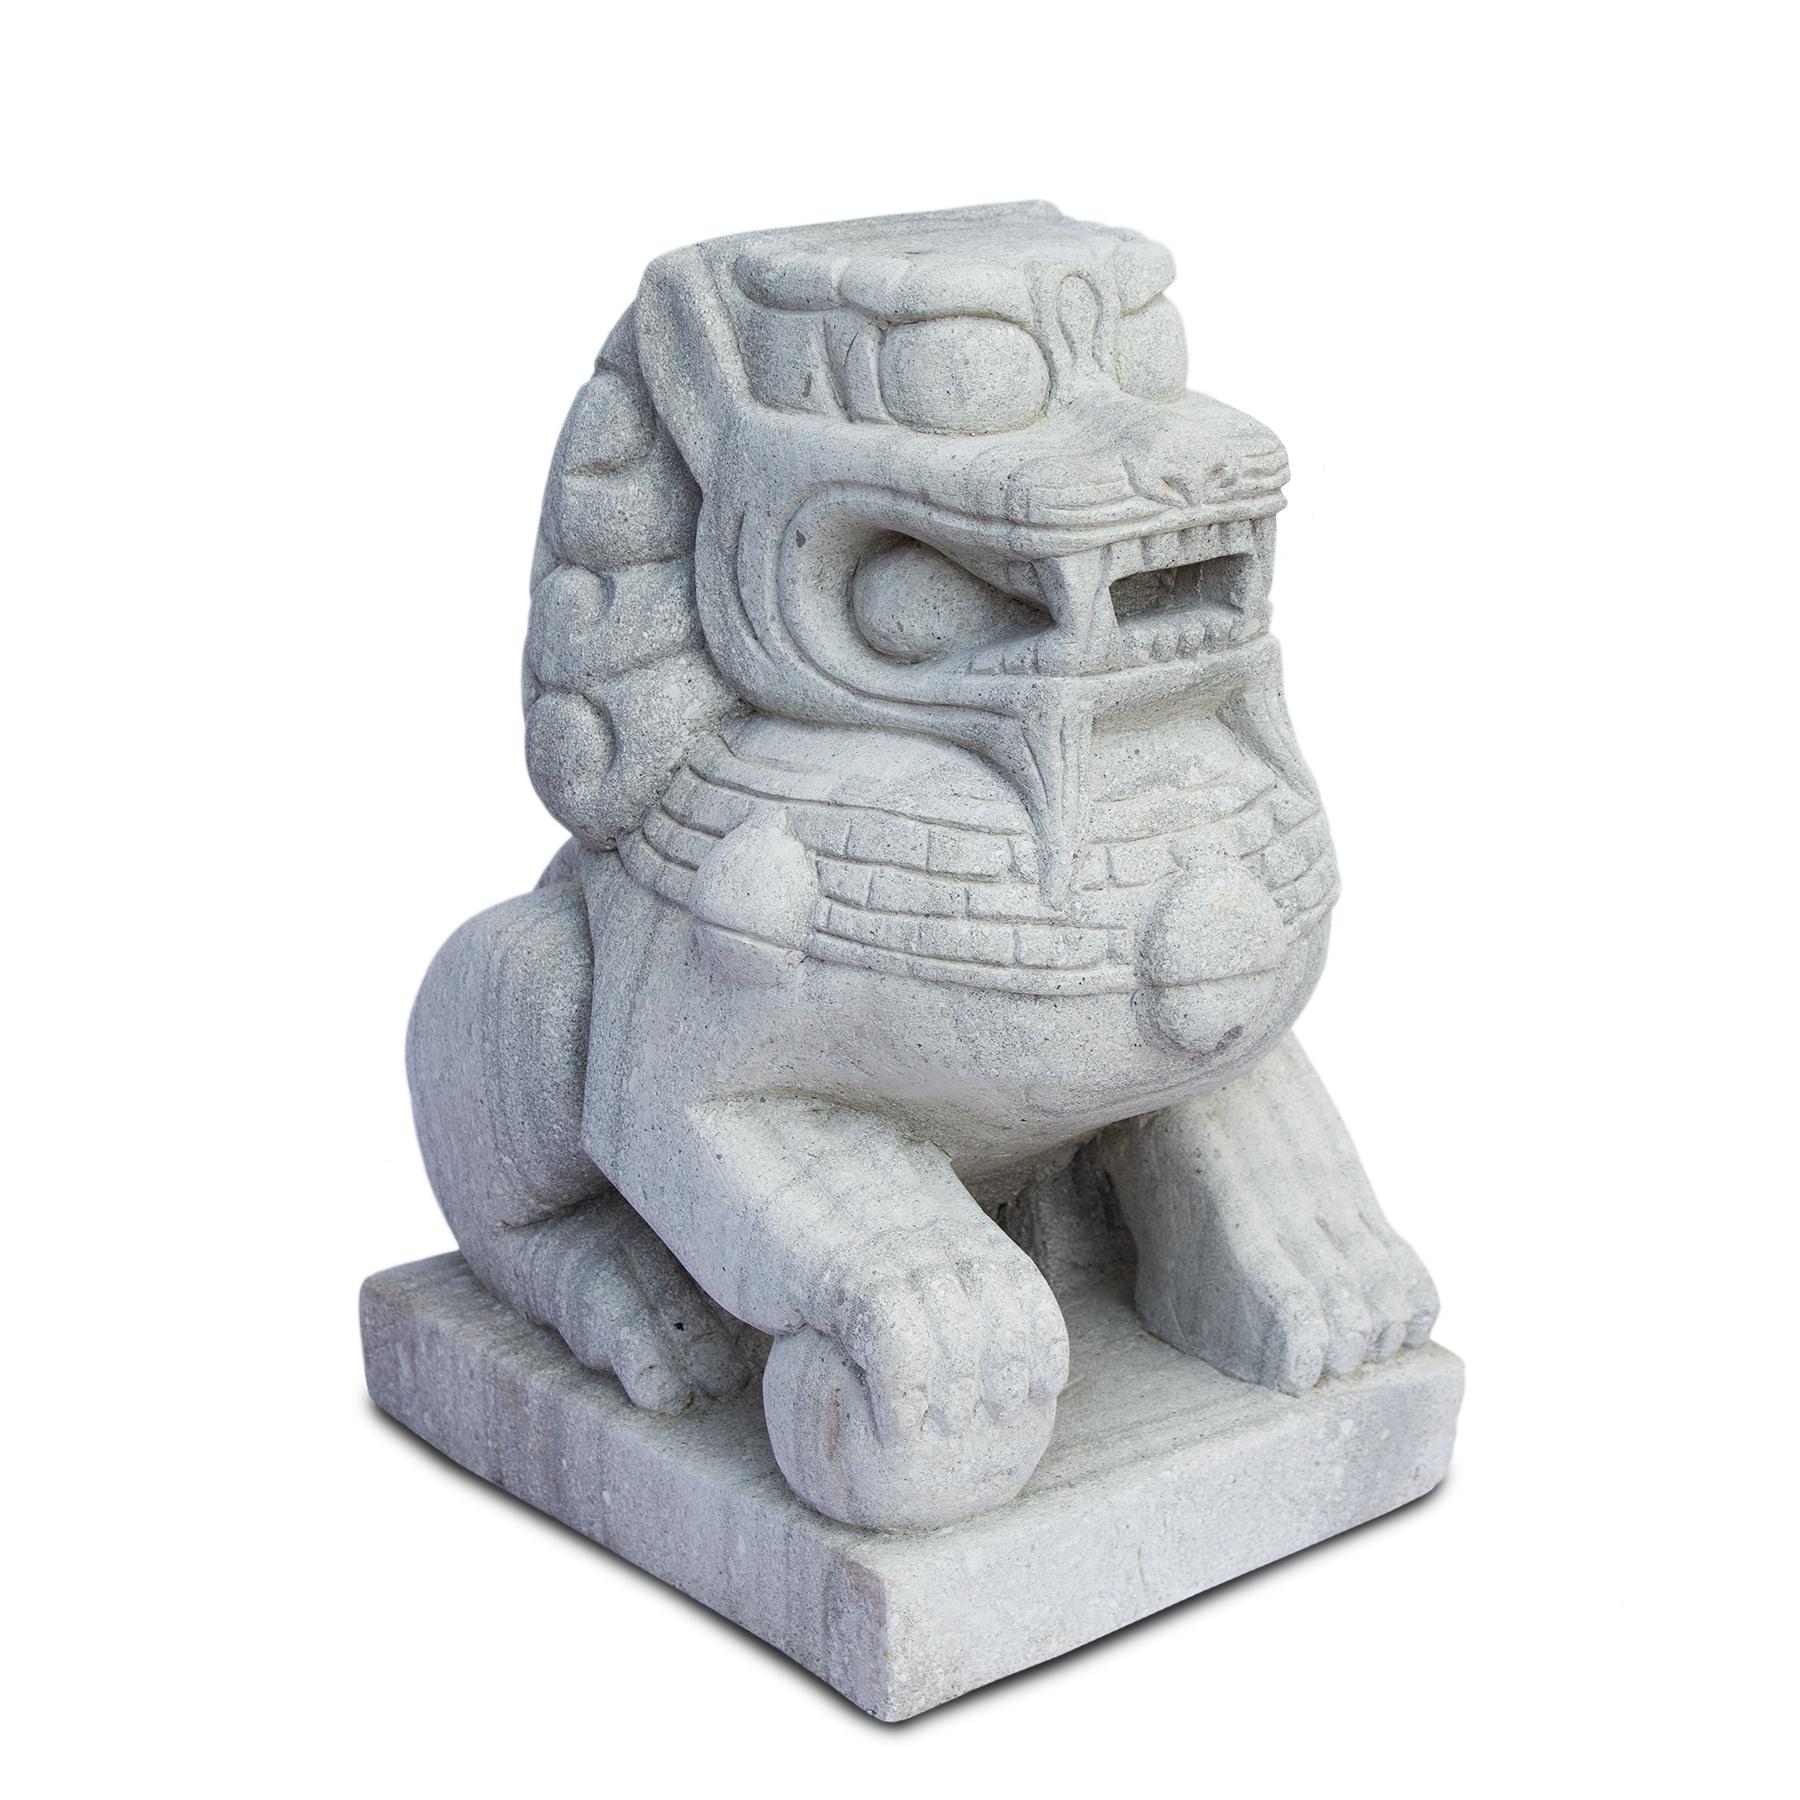 Fu Hunde Wächterlöwen Paar Skulptur Tempelwächter ca. 64 cm Wetterfest Stein-Gemisch massiv Grau – Bild 10